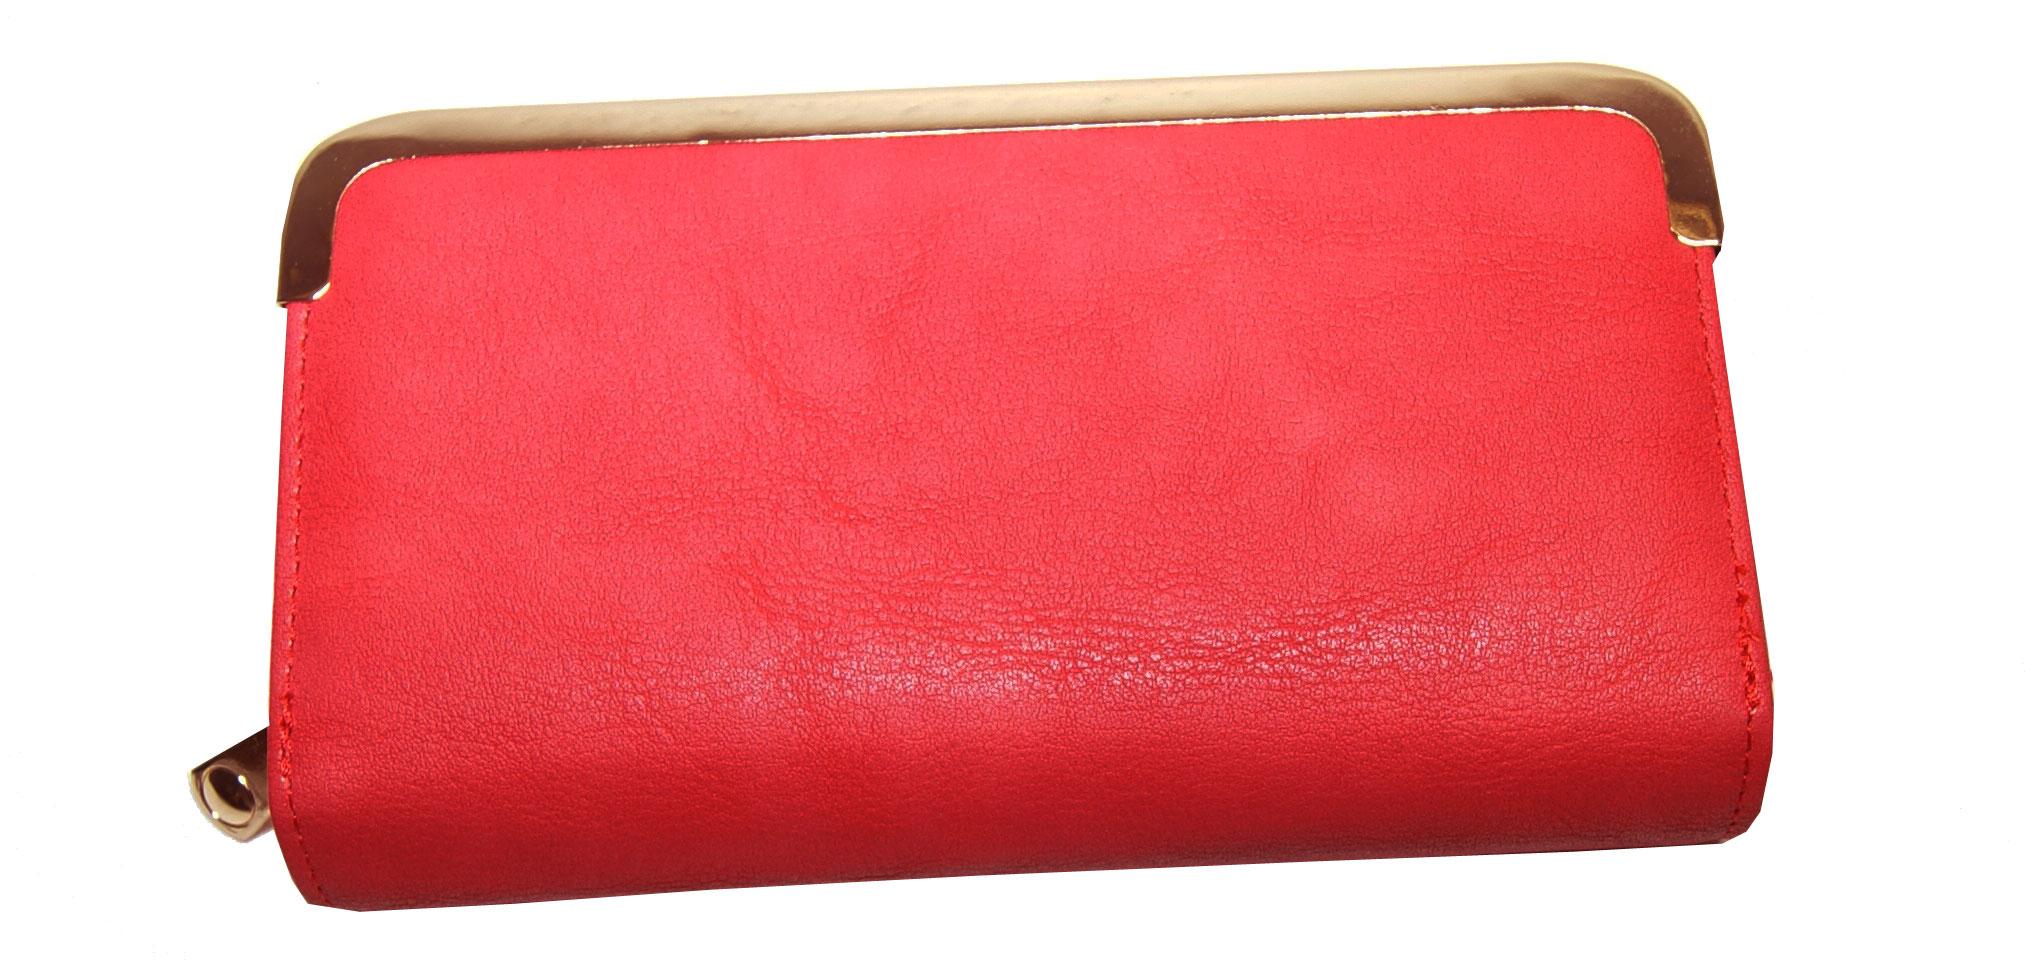 Πορτοφόλι γυναικείο Νο 136 - Κόκκινο 7f08873952e